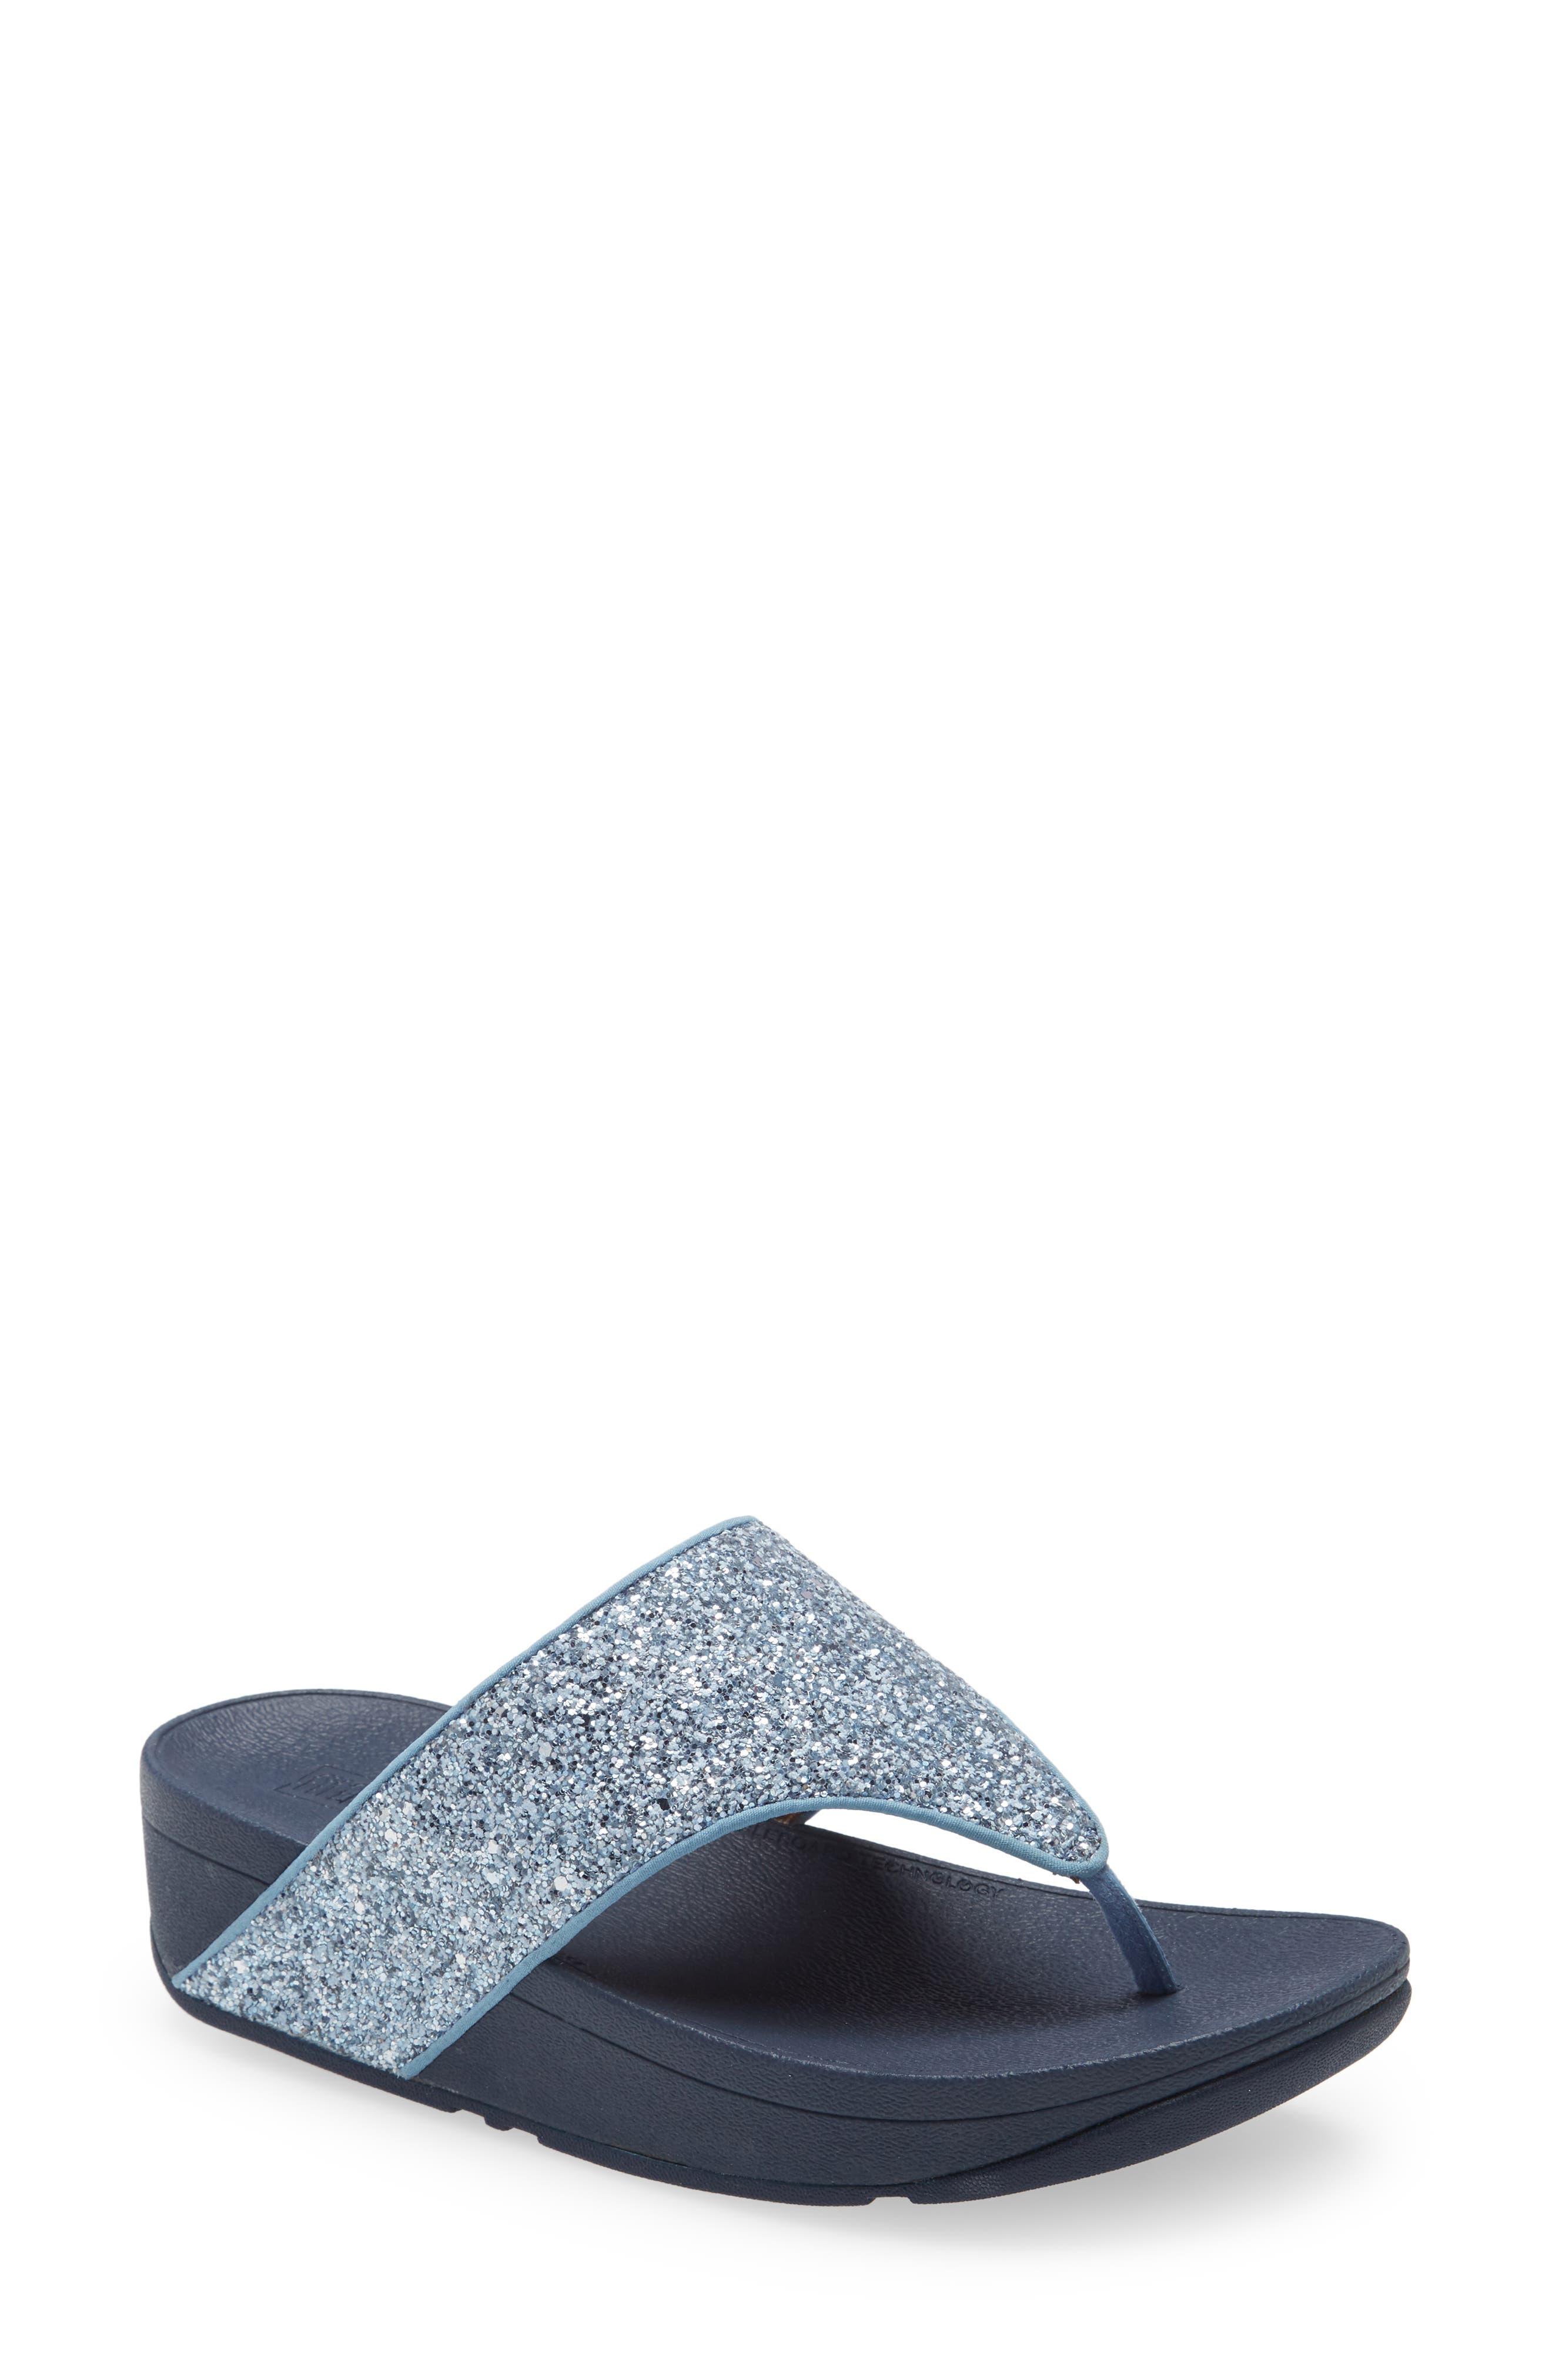 Olive Glitter Flip Flop